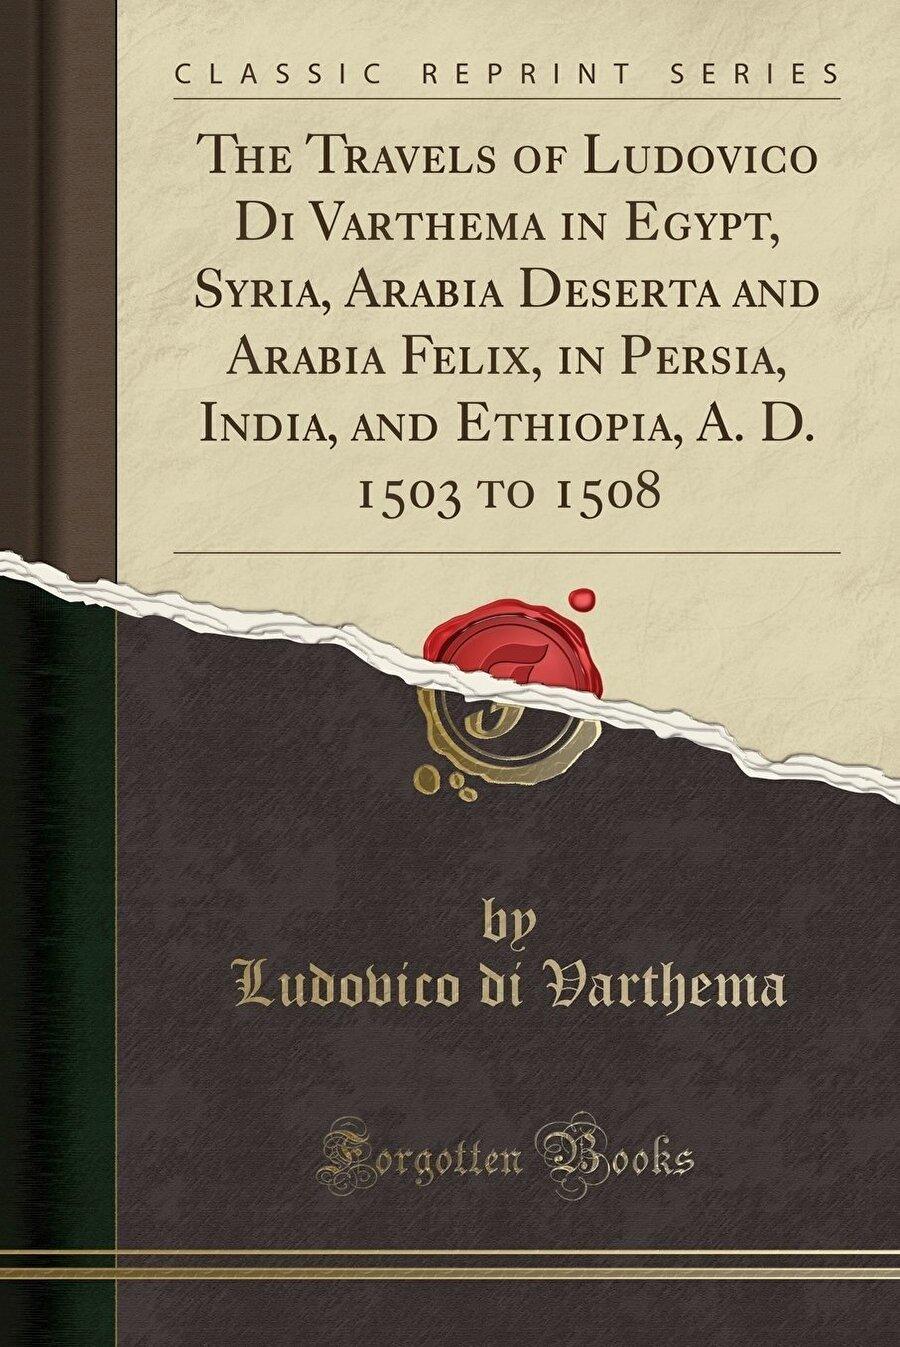 Varthema'nın seyahat notları, Batı'da hâlâ çok okunan klâsiklerden.